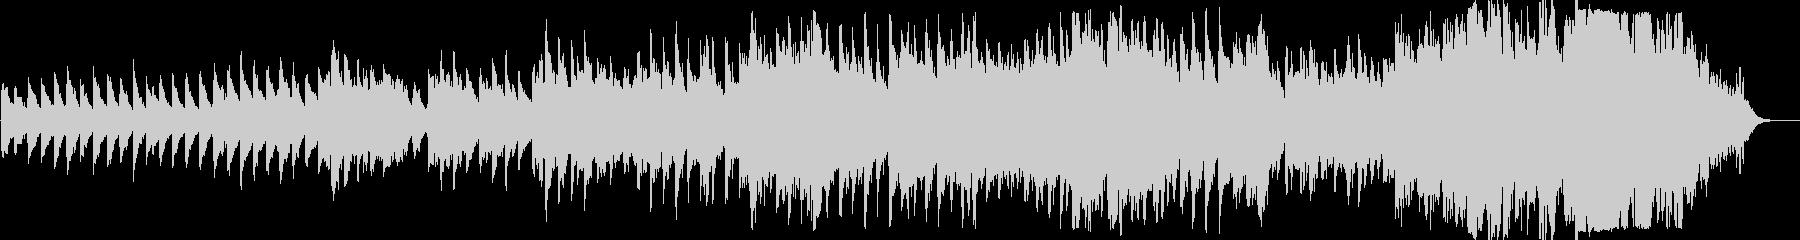 ピアノとフリューゲルホルンのバラードの未再生の波形